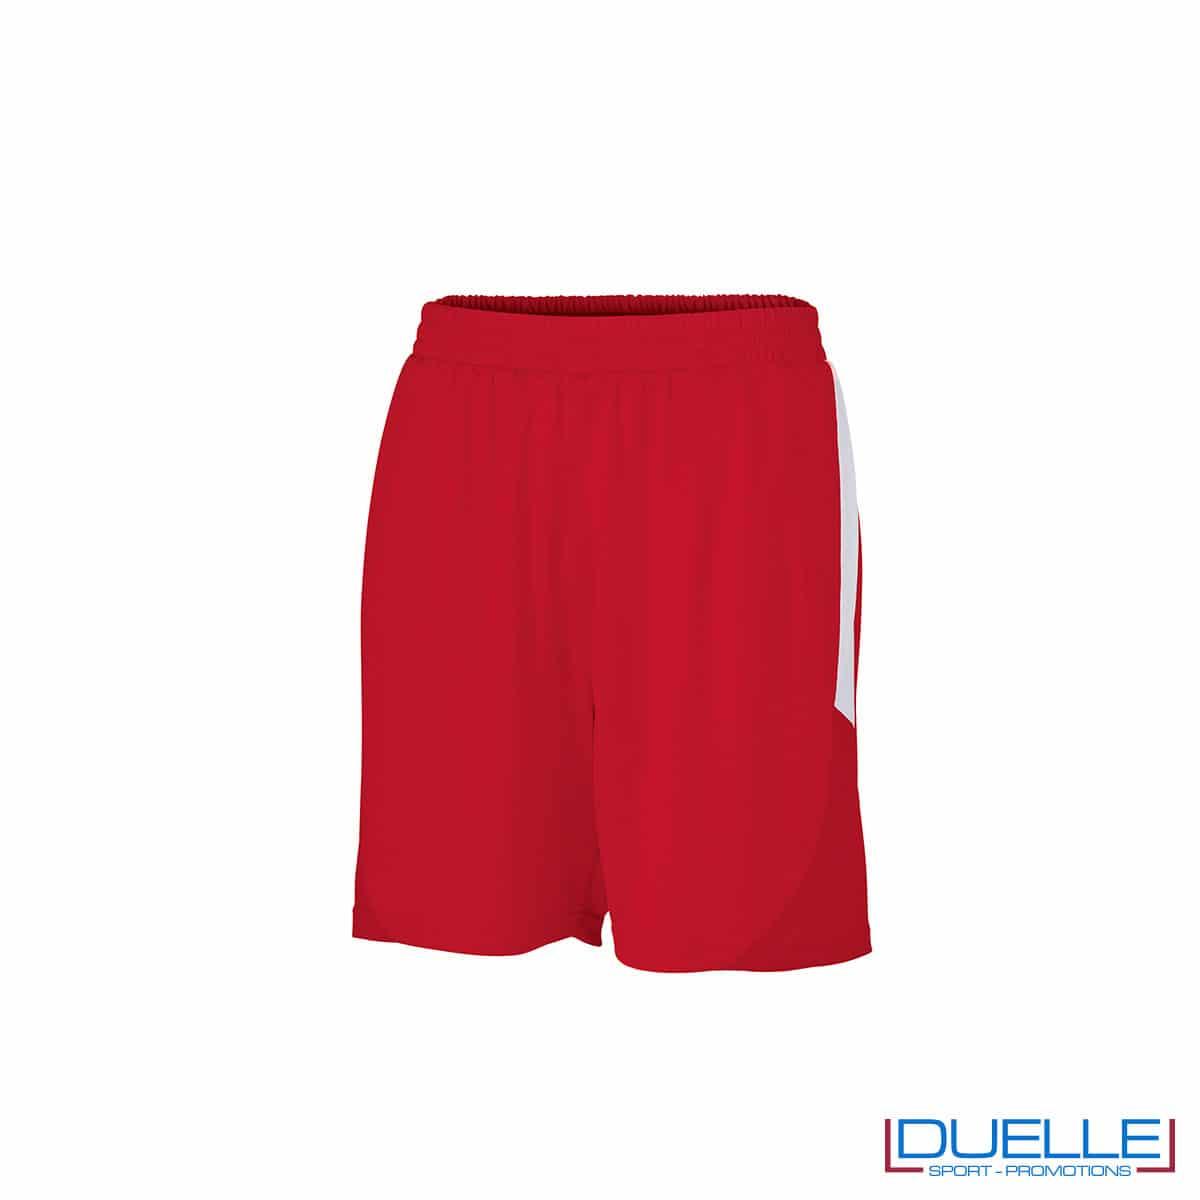 Pantaloncini calcio colore rosso-bianco personalizzati